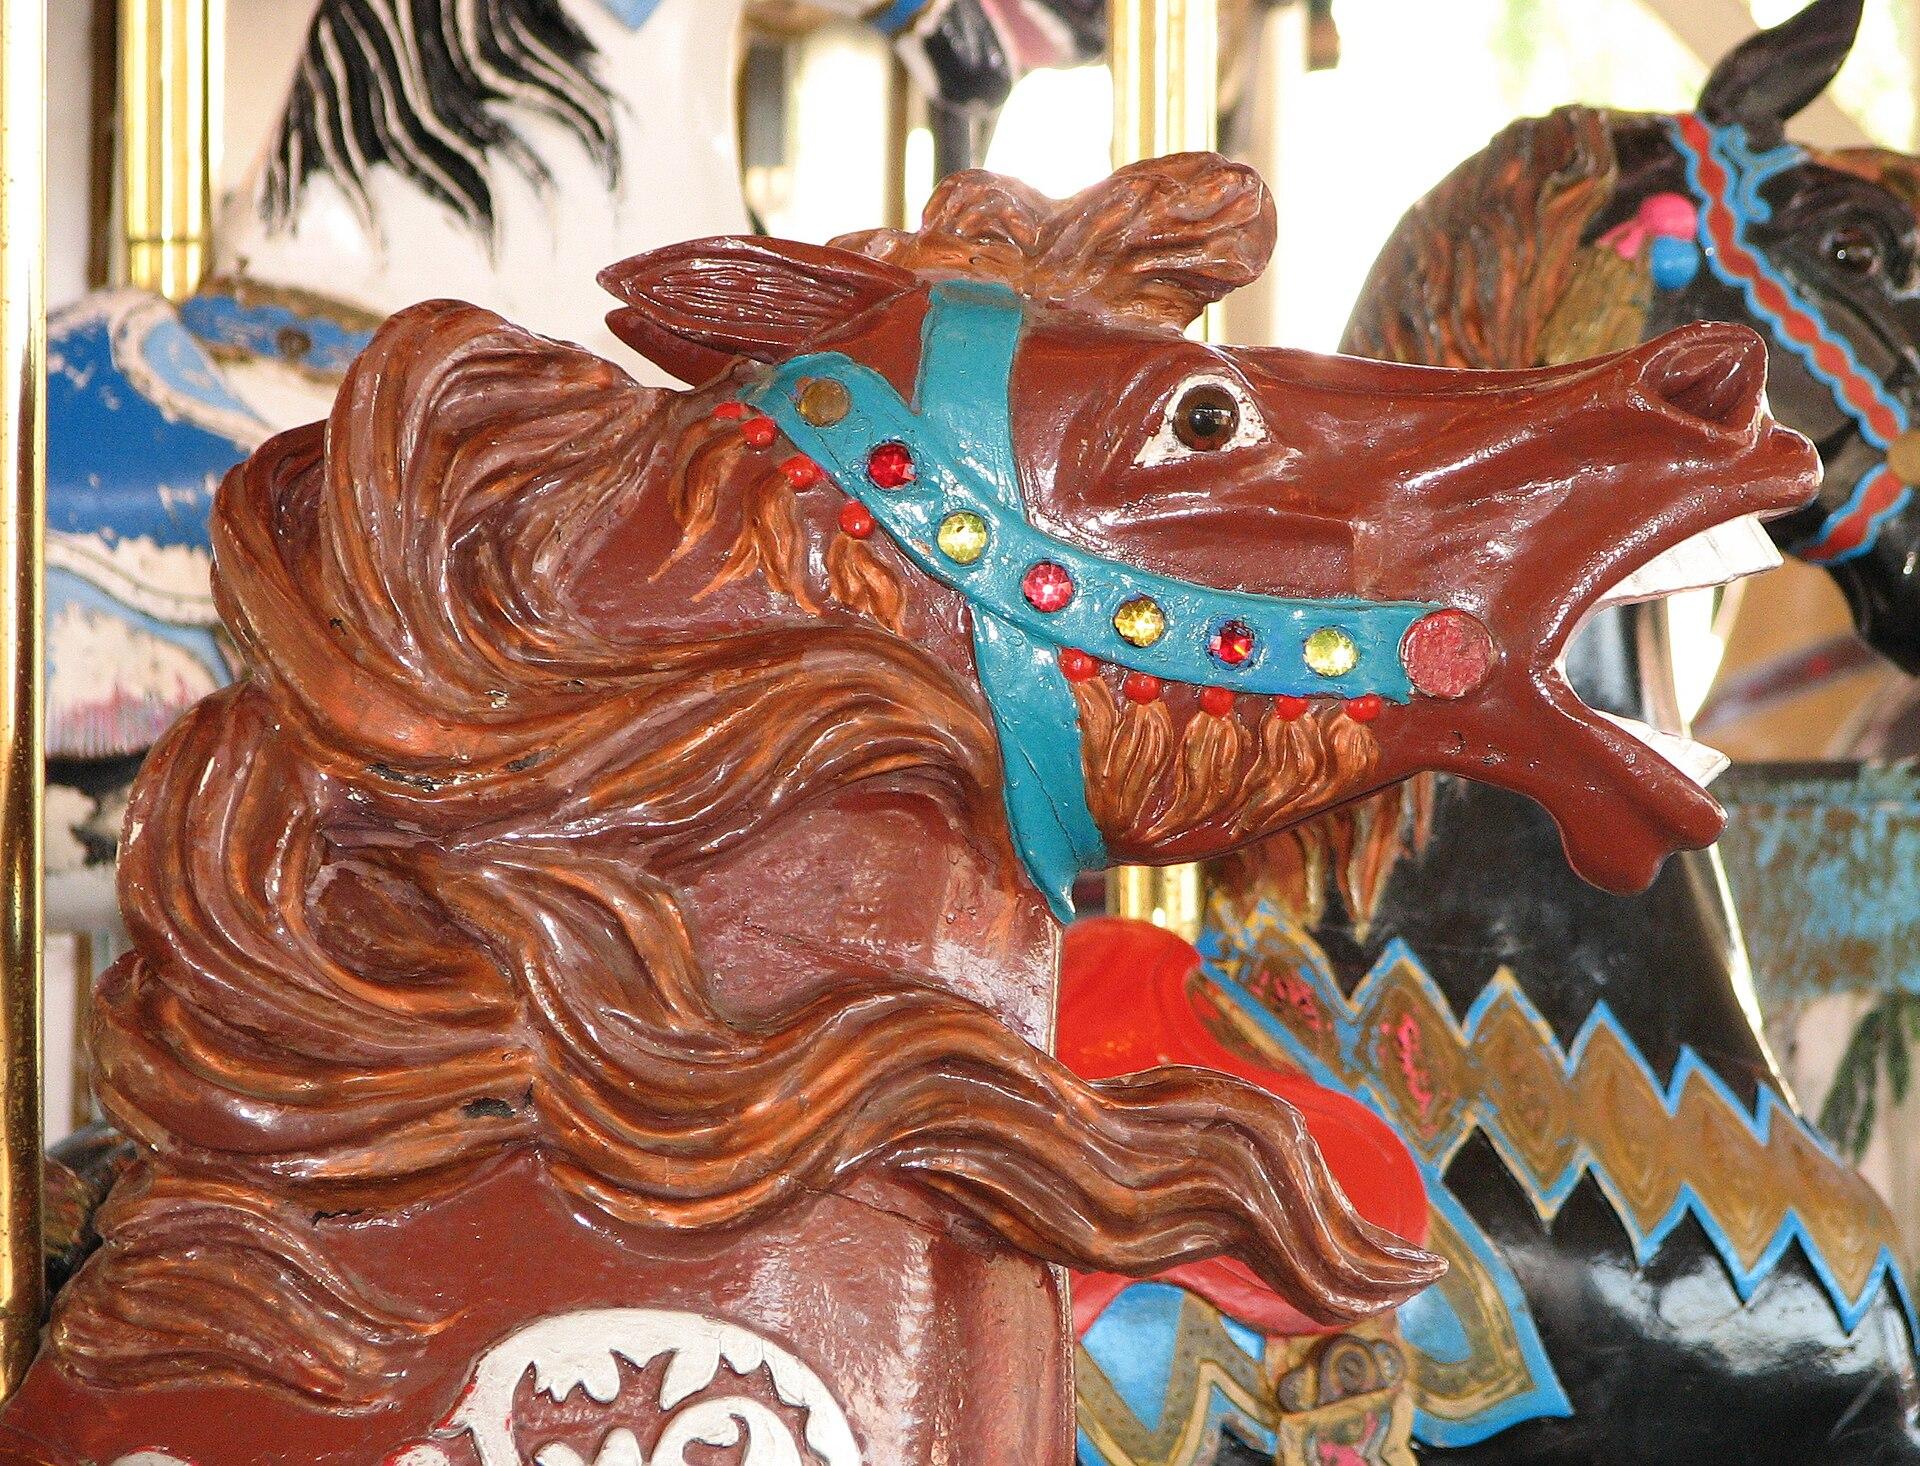 Herschell–Spillman Noah's Ark Carousel